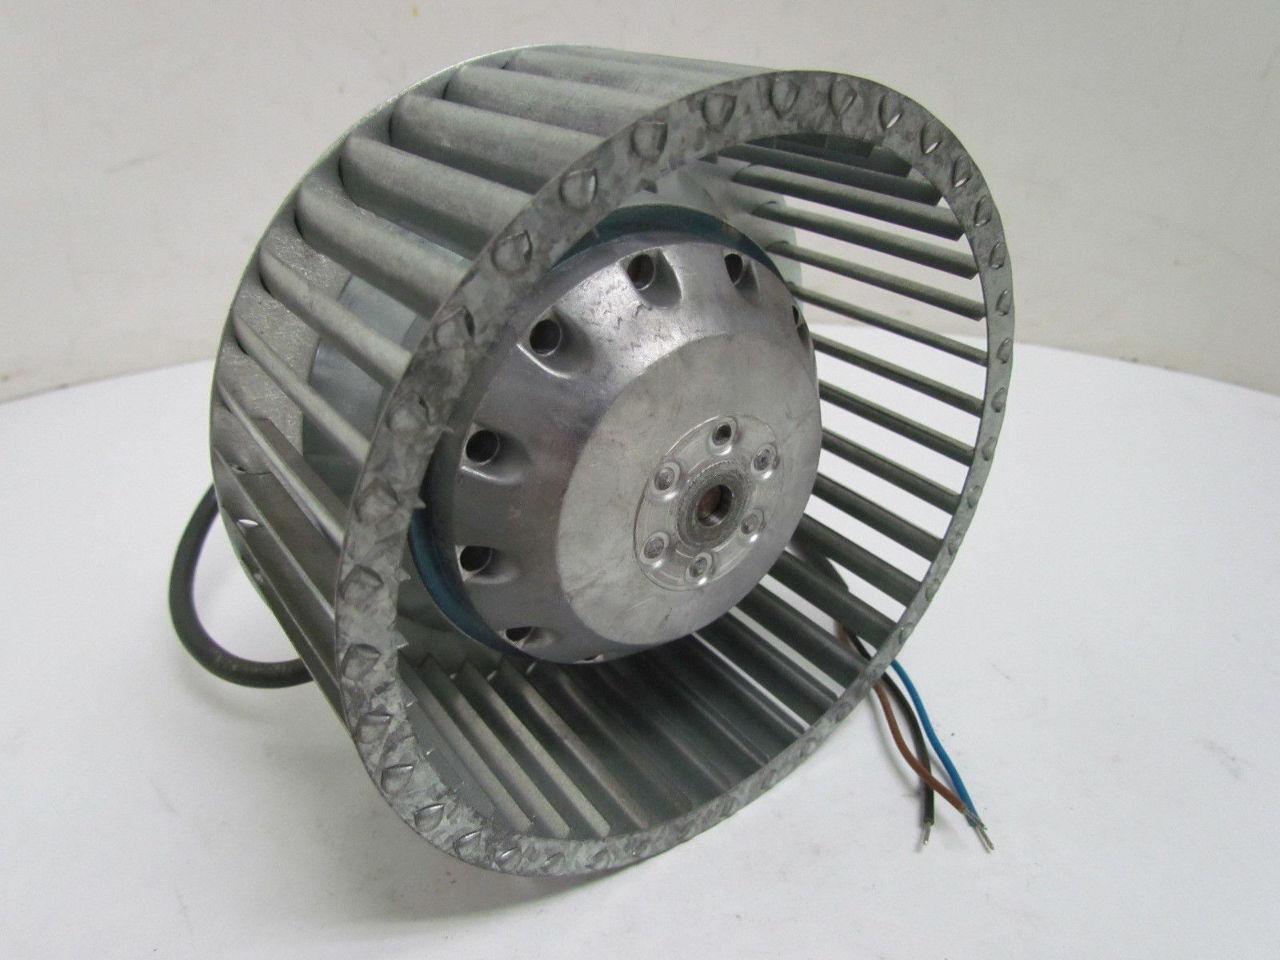 Centrifugal Fan 2 40 Watt : Ebm r e aa v hz amp centrifugal fan